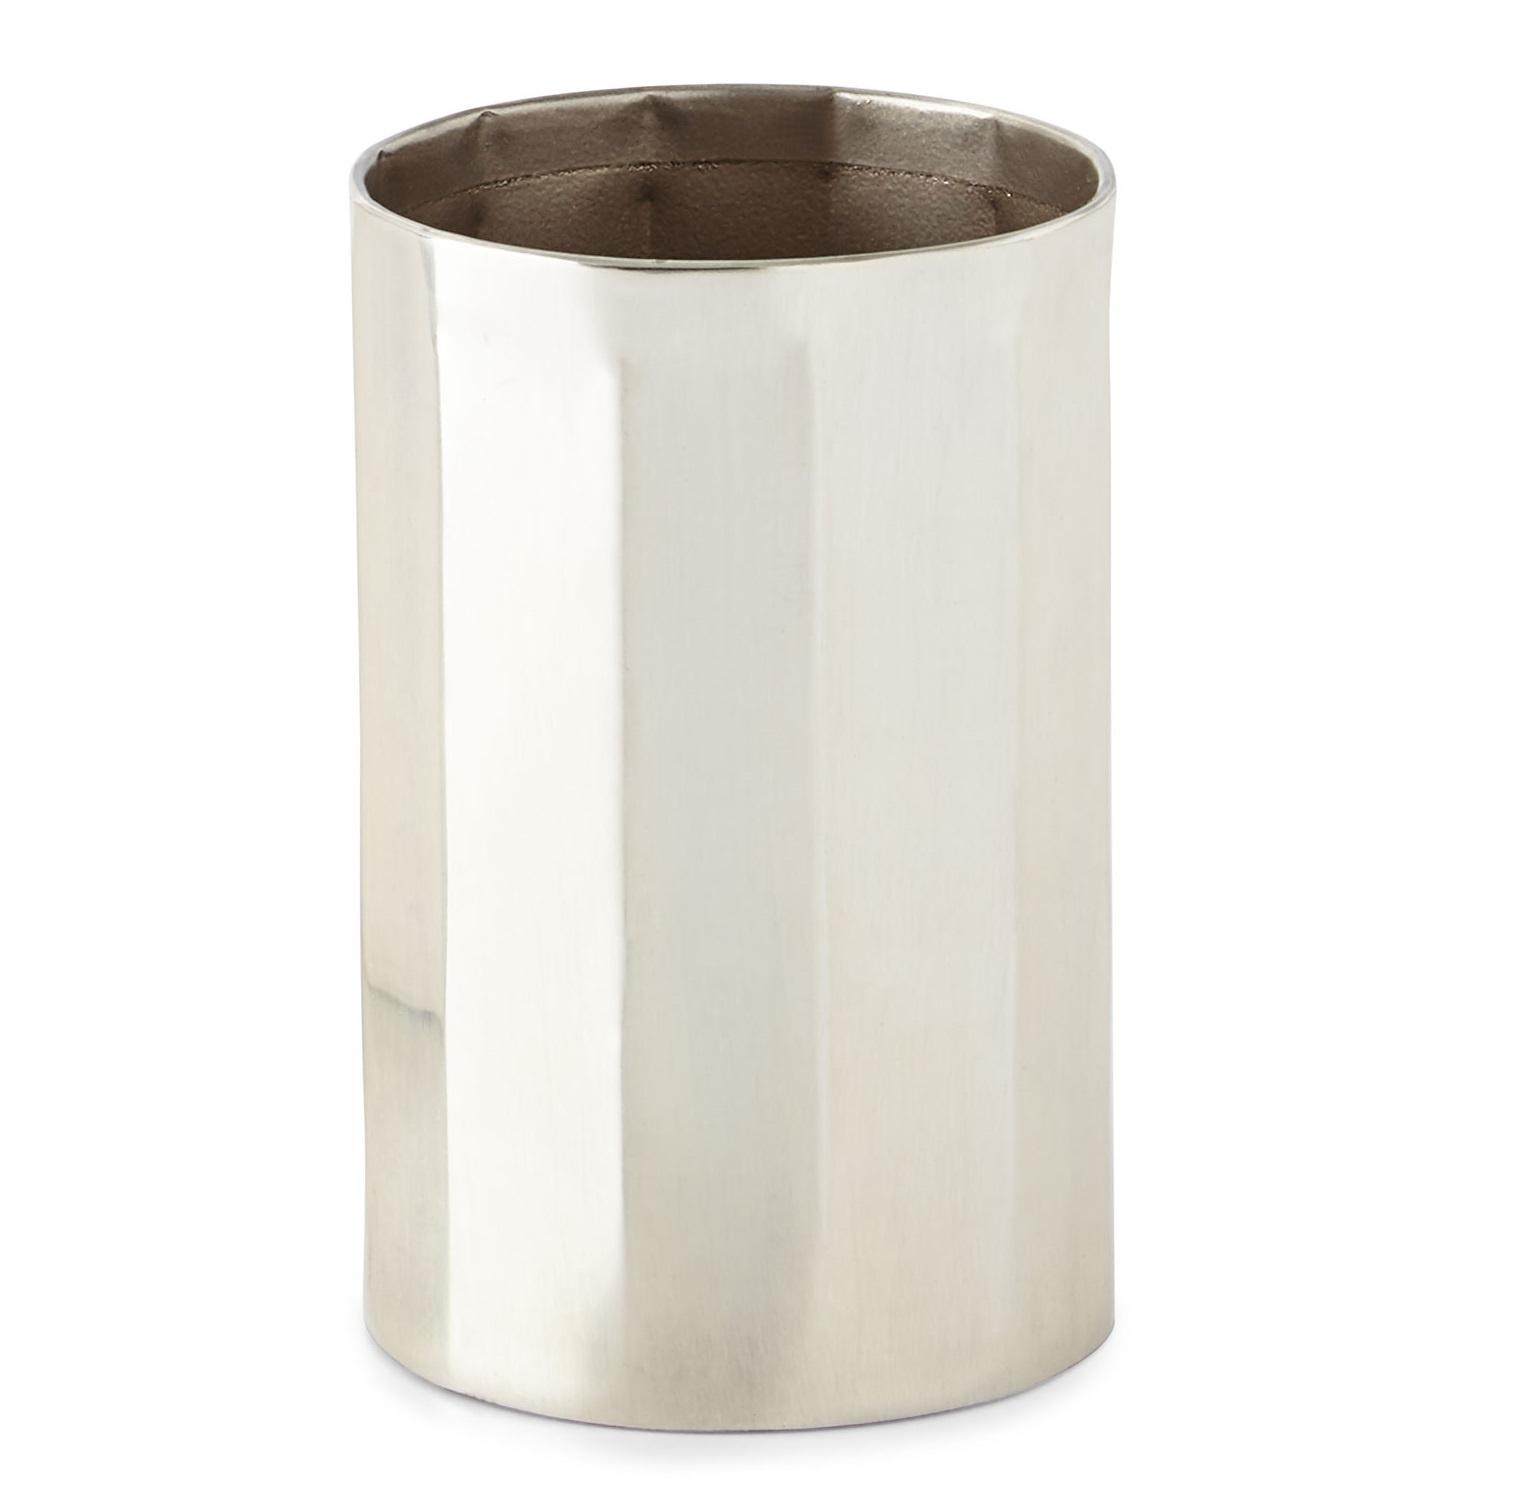 Стакан для ванной комнаты Kassatex Nomad, серебристый